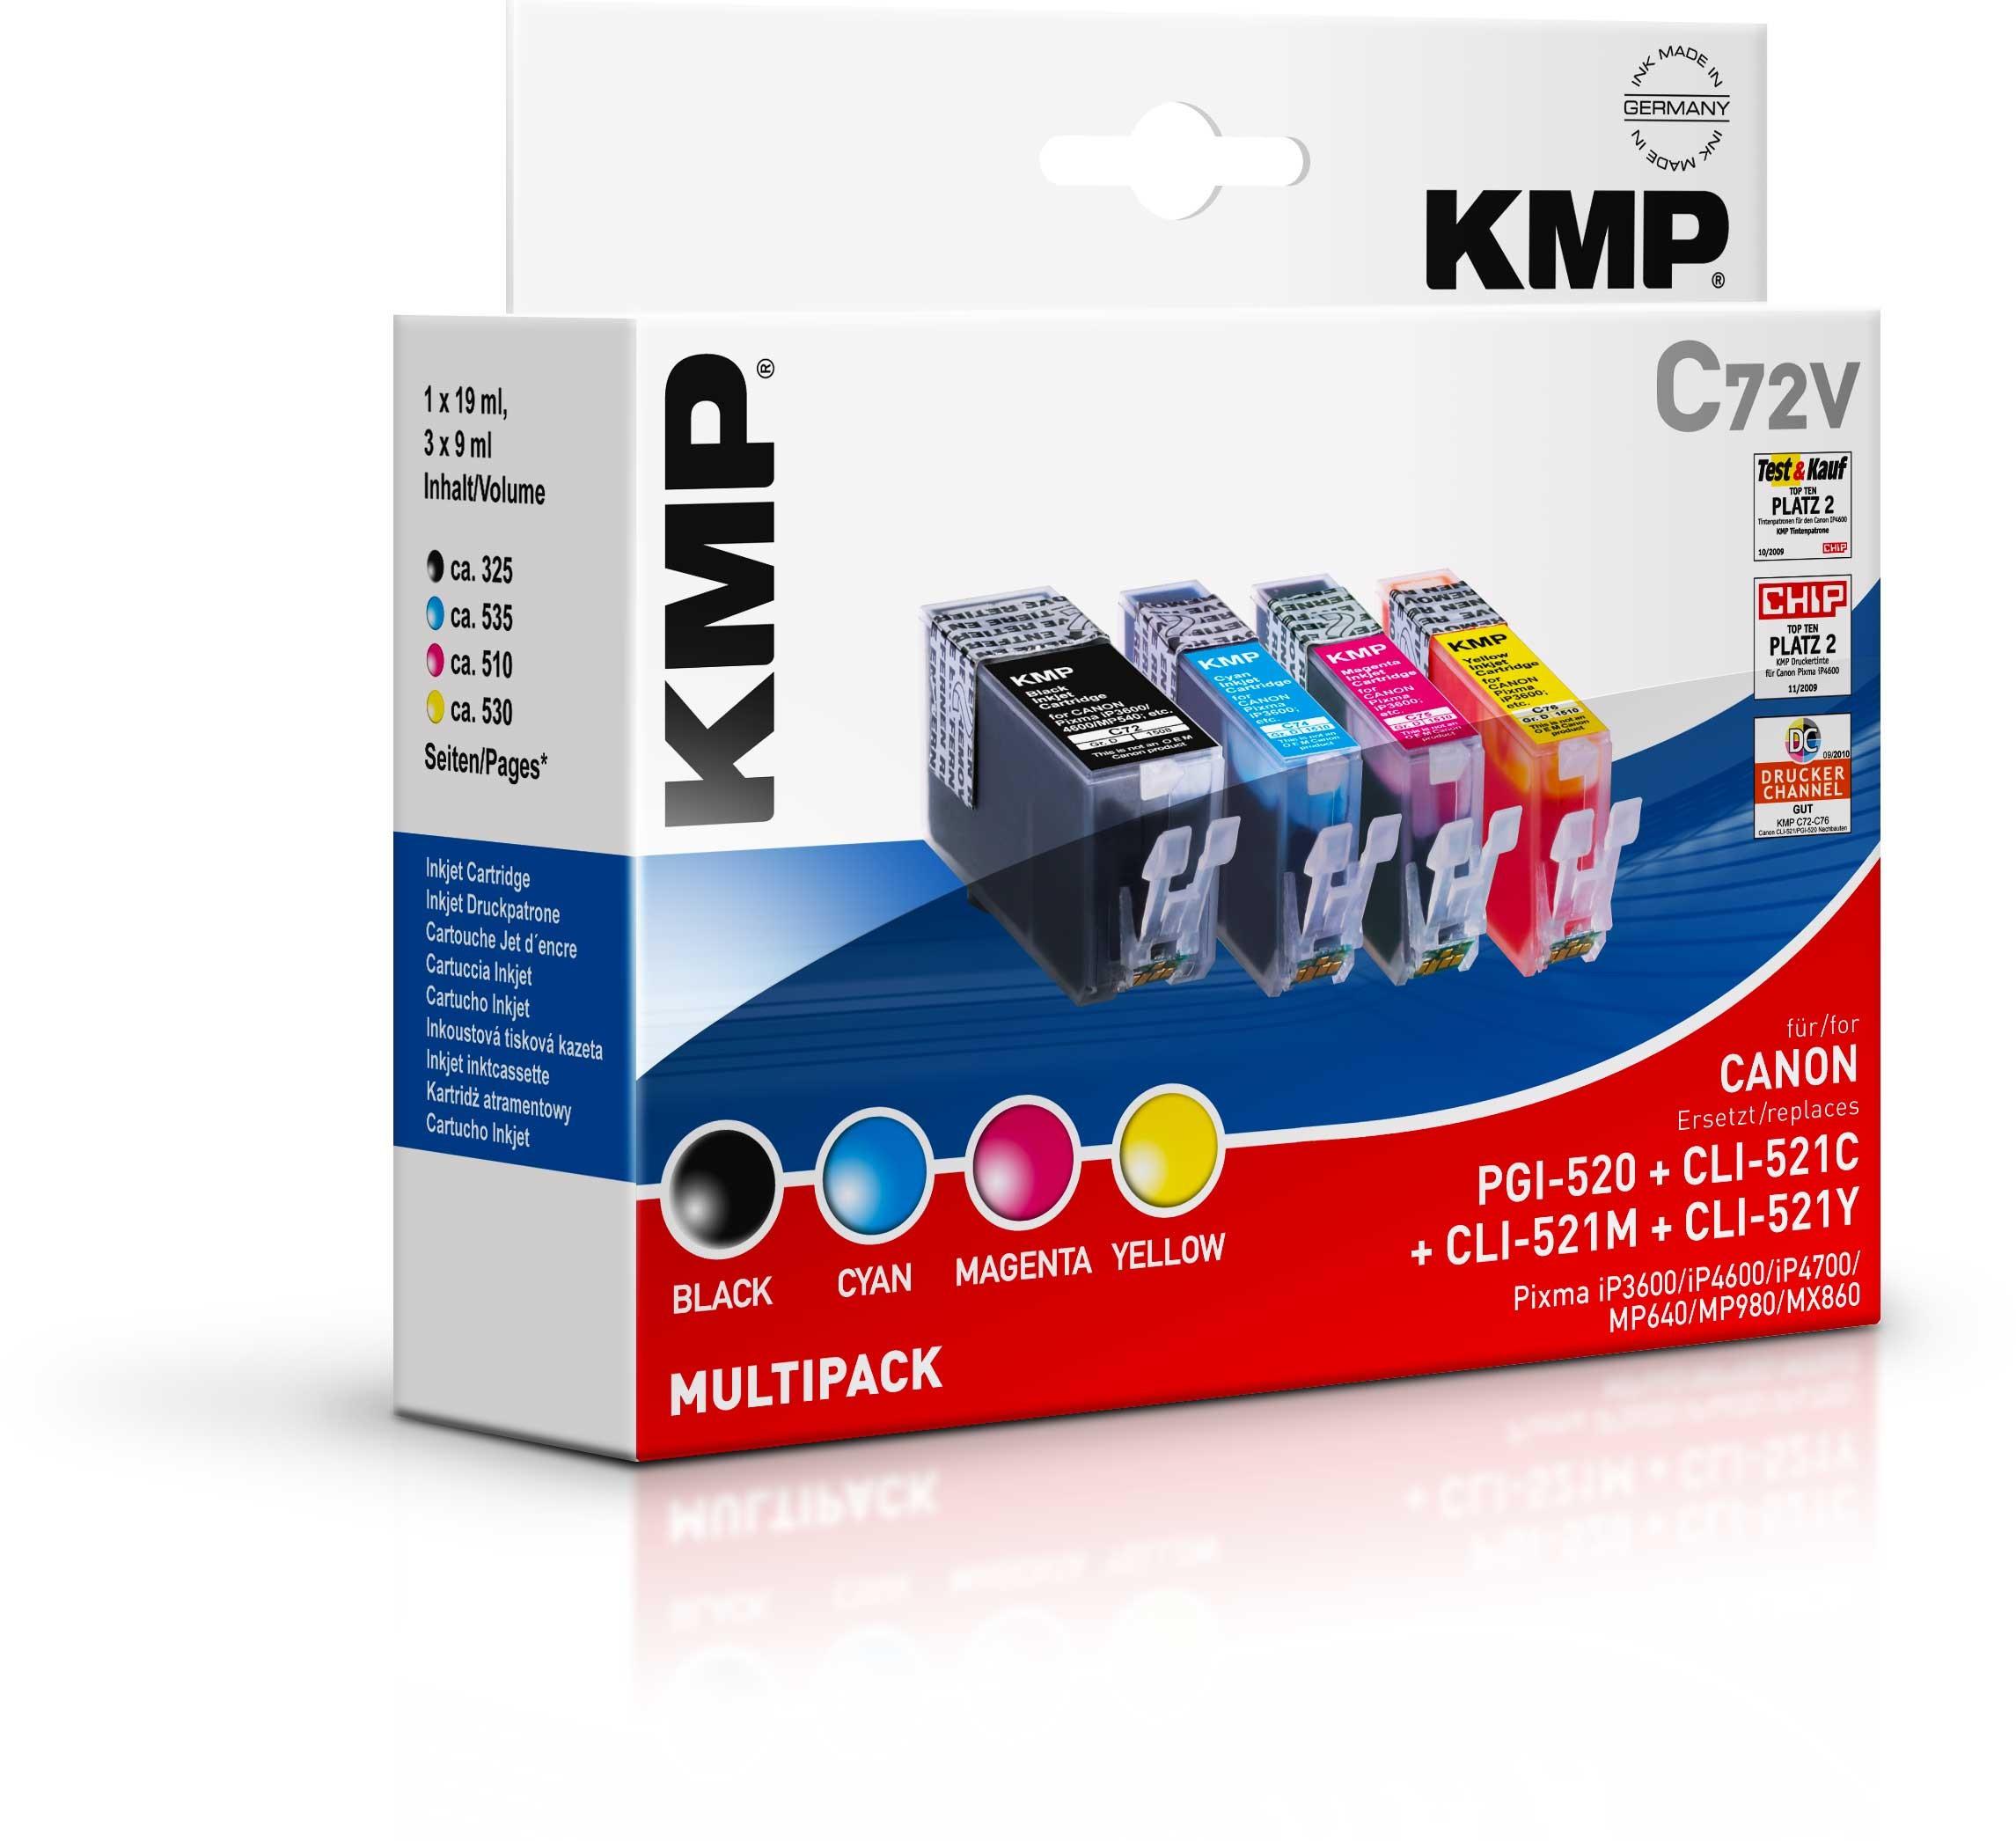 KMP 1508,0005